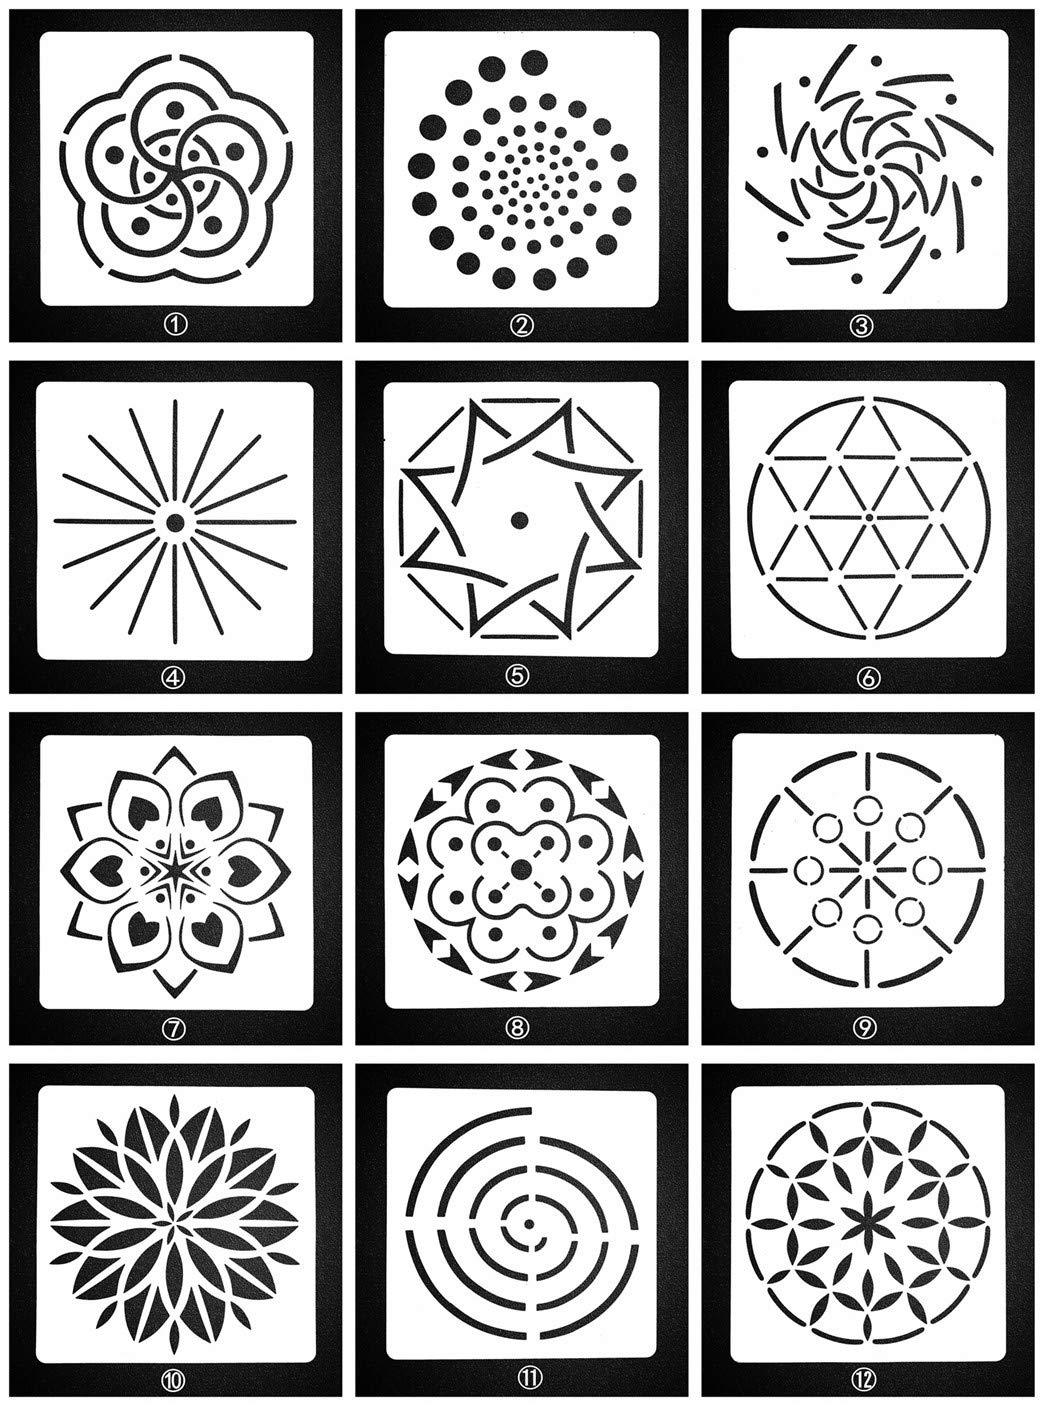 Lirener 12 Pezzi modelli di stencil(fiore di mandala), Riutilizzabile Lavabile Plastica fai da te Stencil Pittura Modelli Disegno per Bambini Studente Adulto Fai Da Te Scrapbooking, 13x13cm